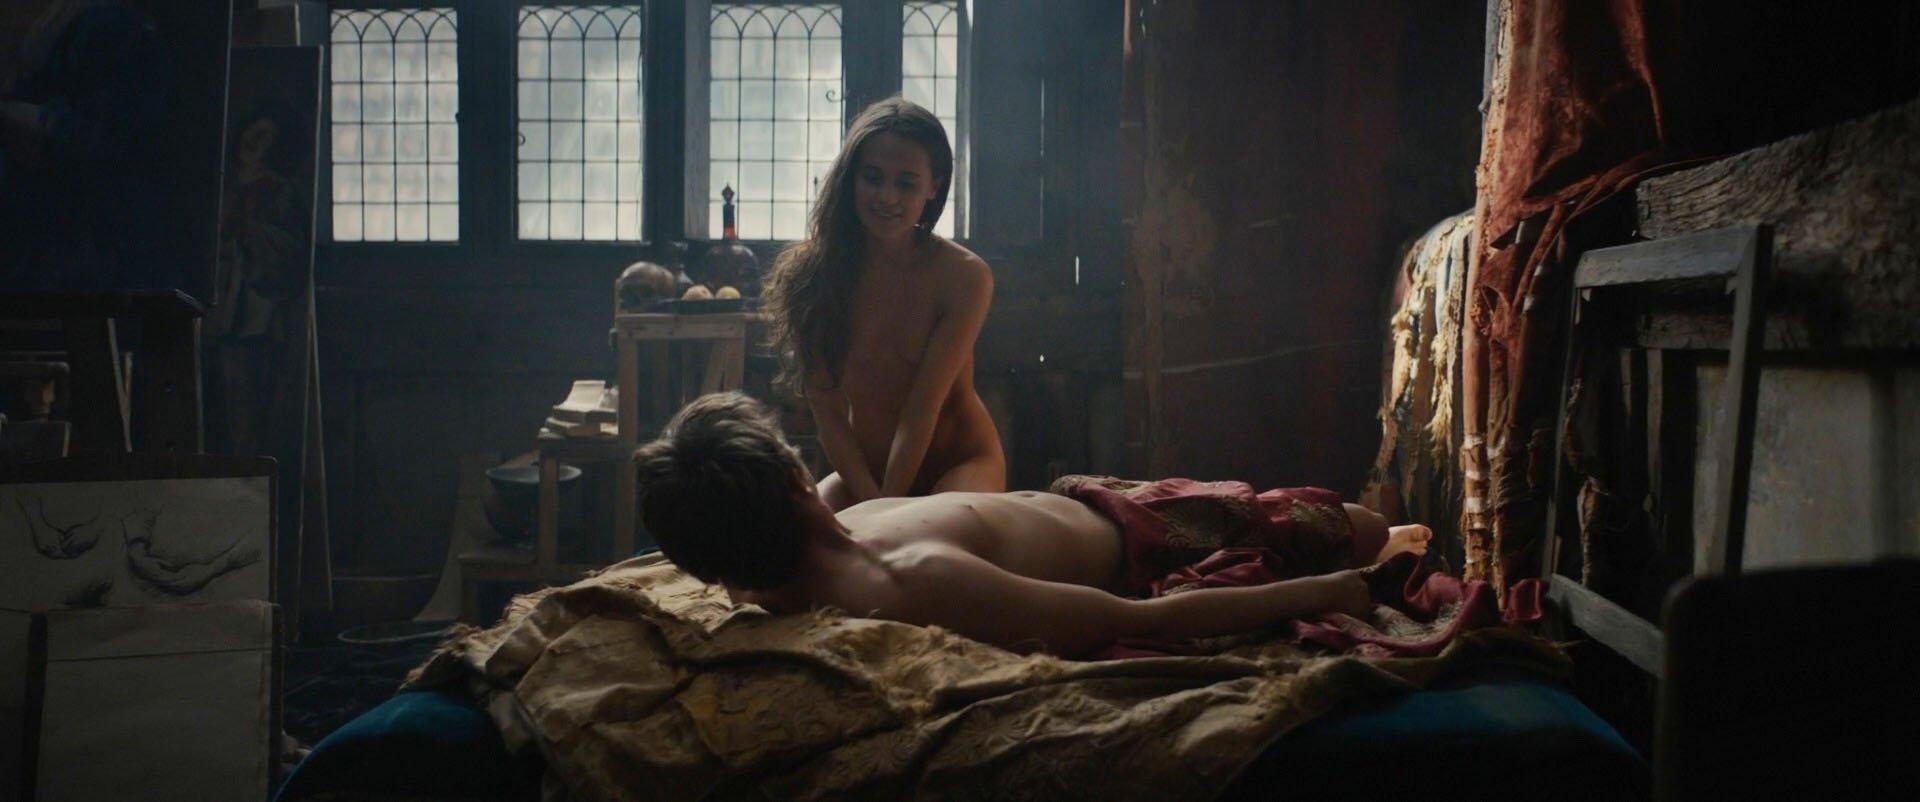 Alicia Vikander nude - Tulip Fever (2017)